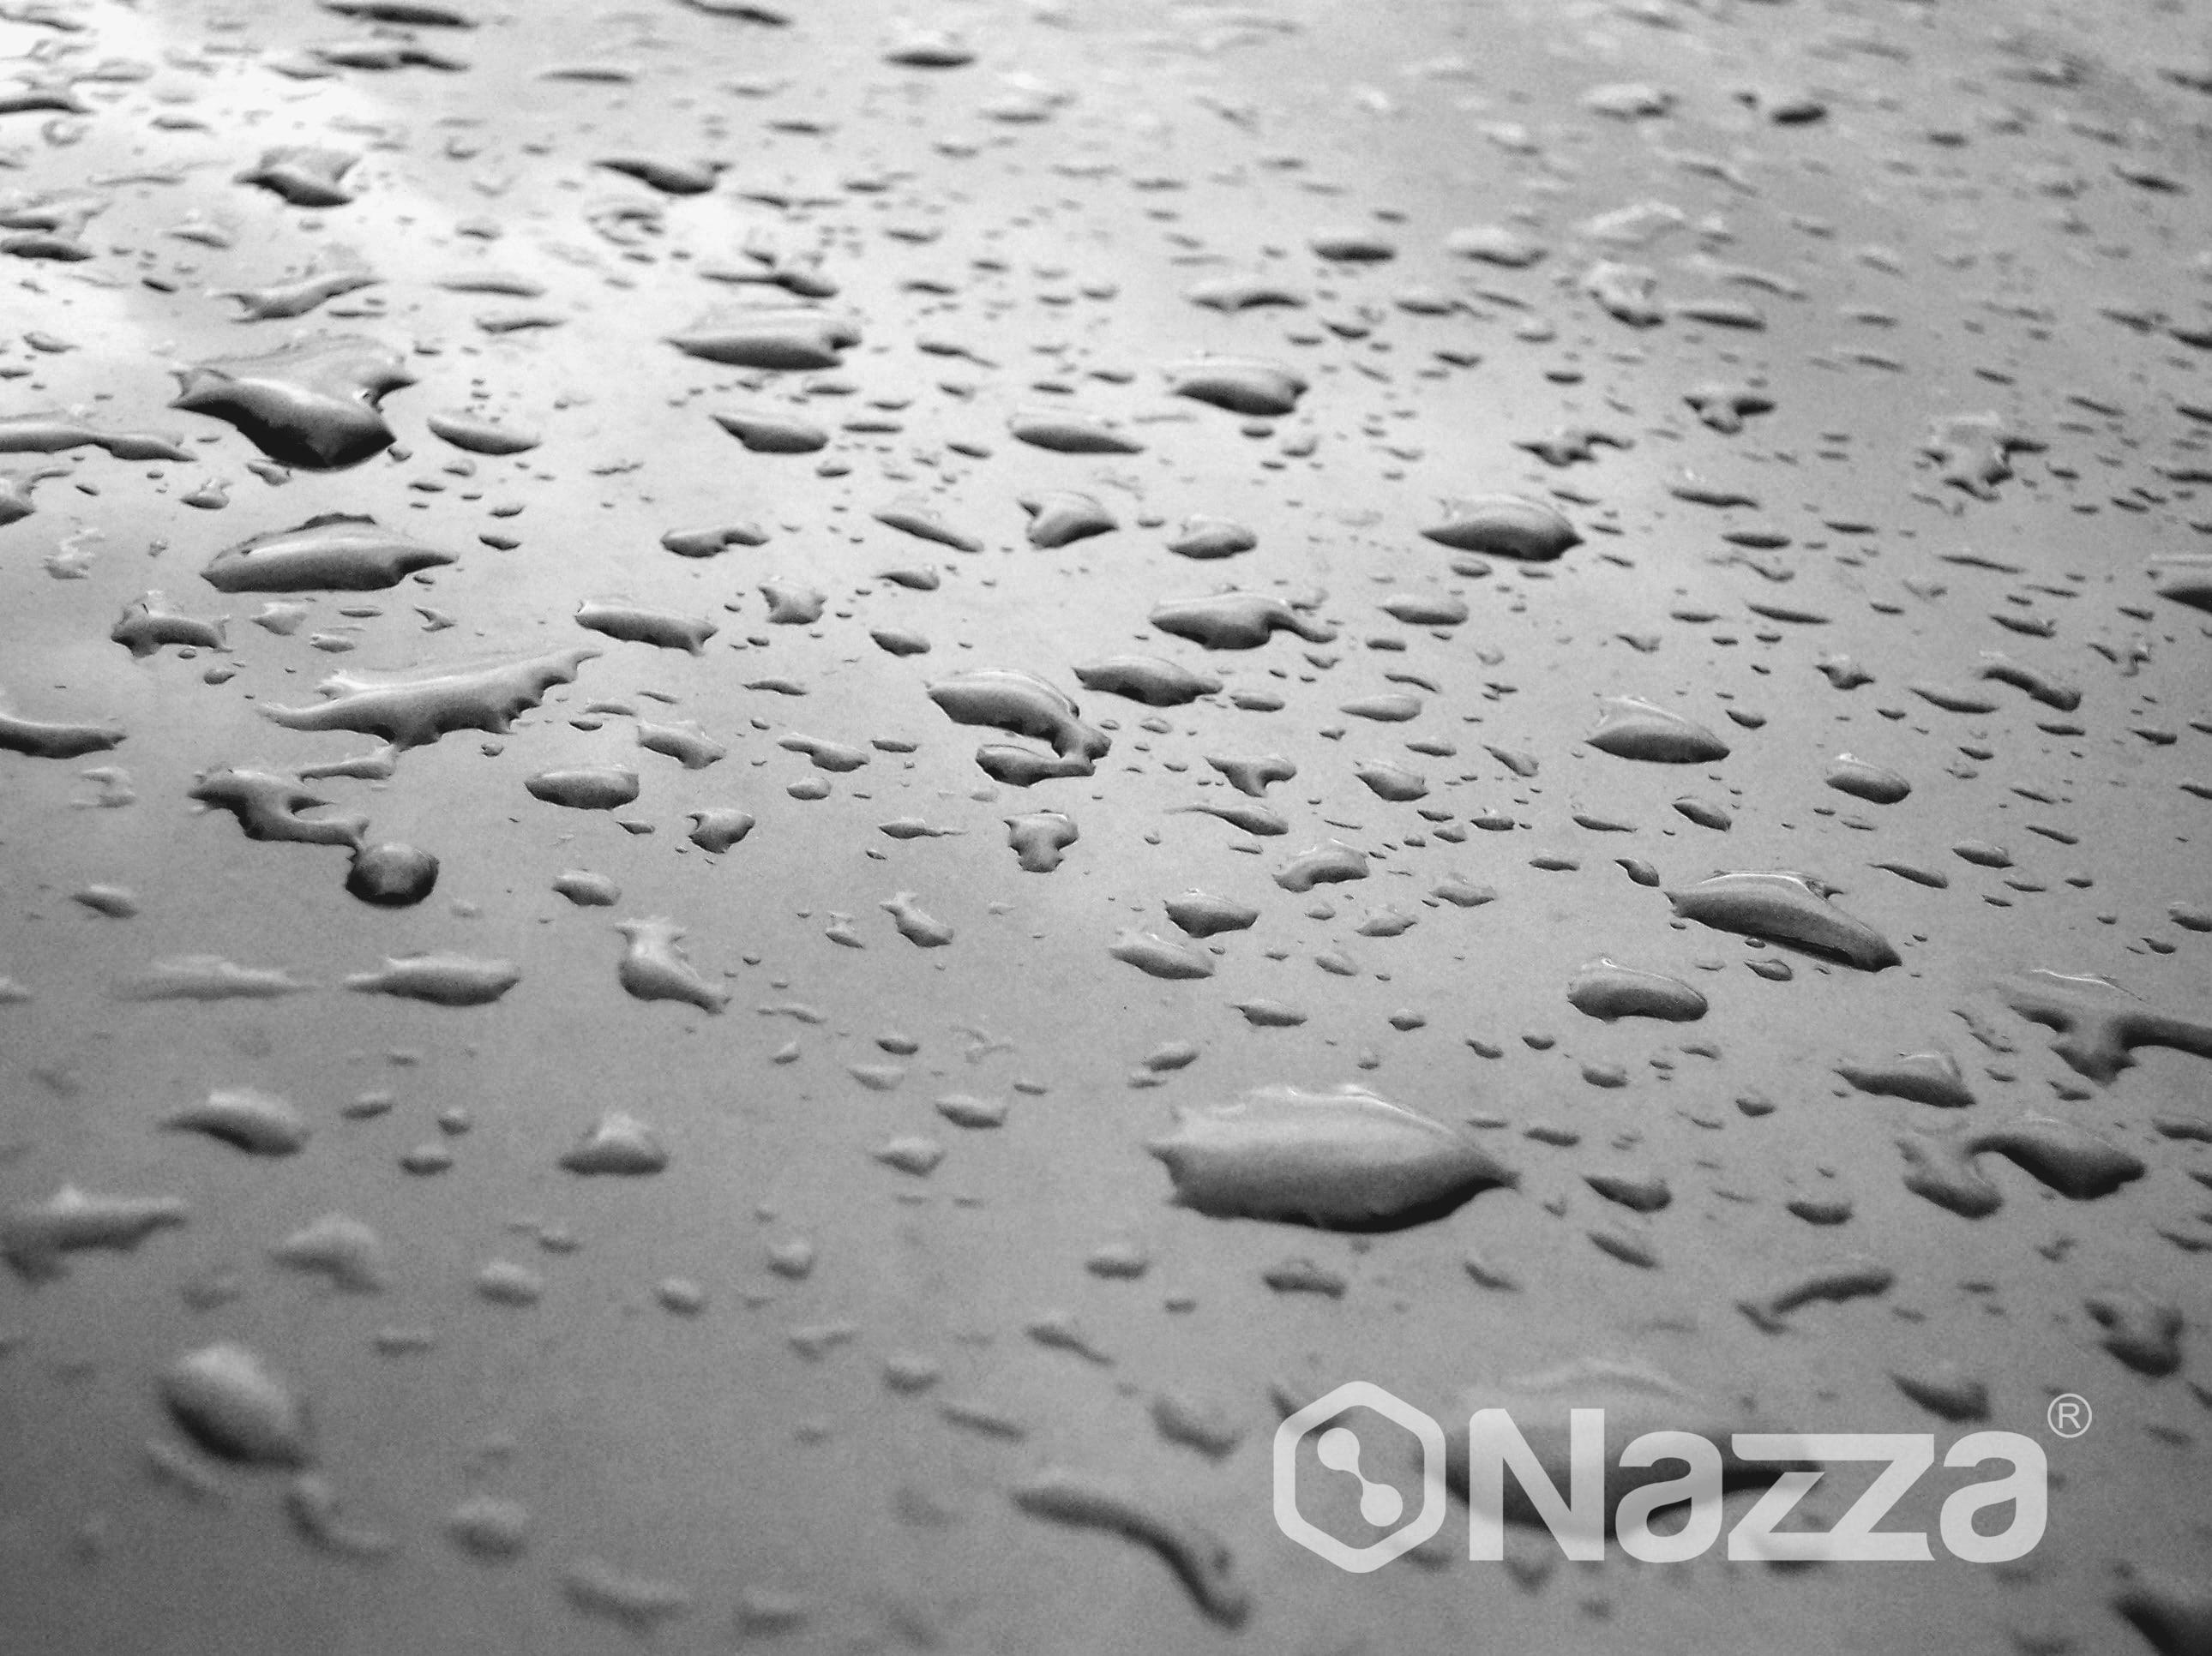 Imprimación Epoxi capaz de catalizar sobre superficies humedas Nazza